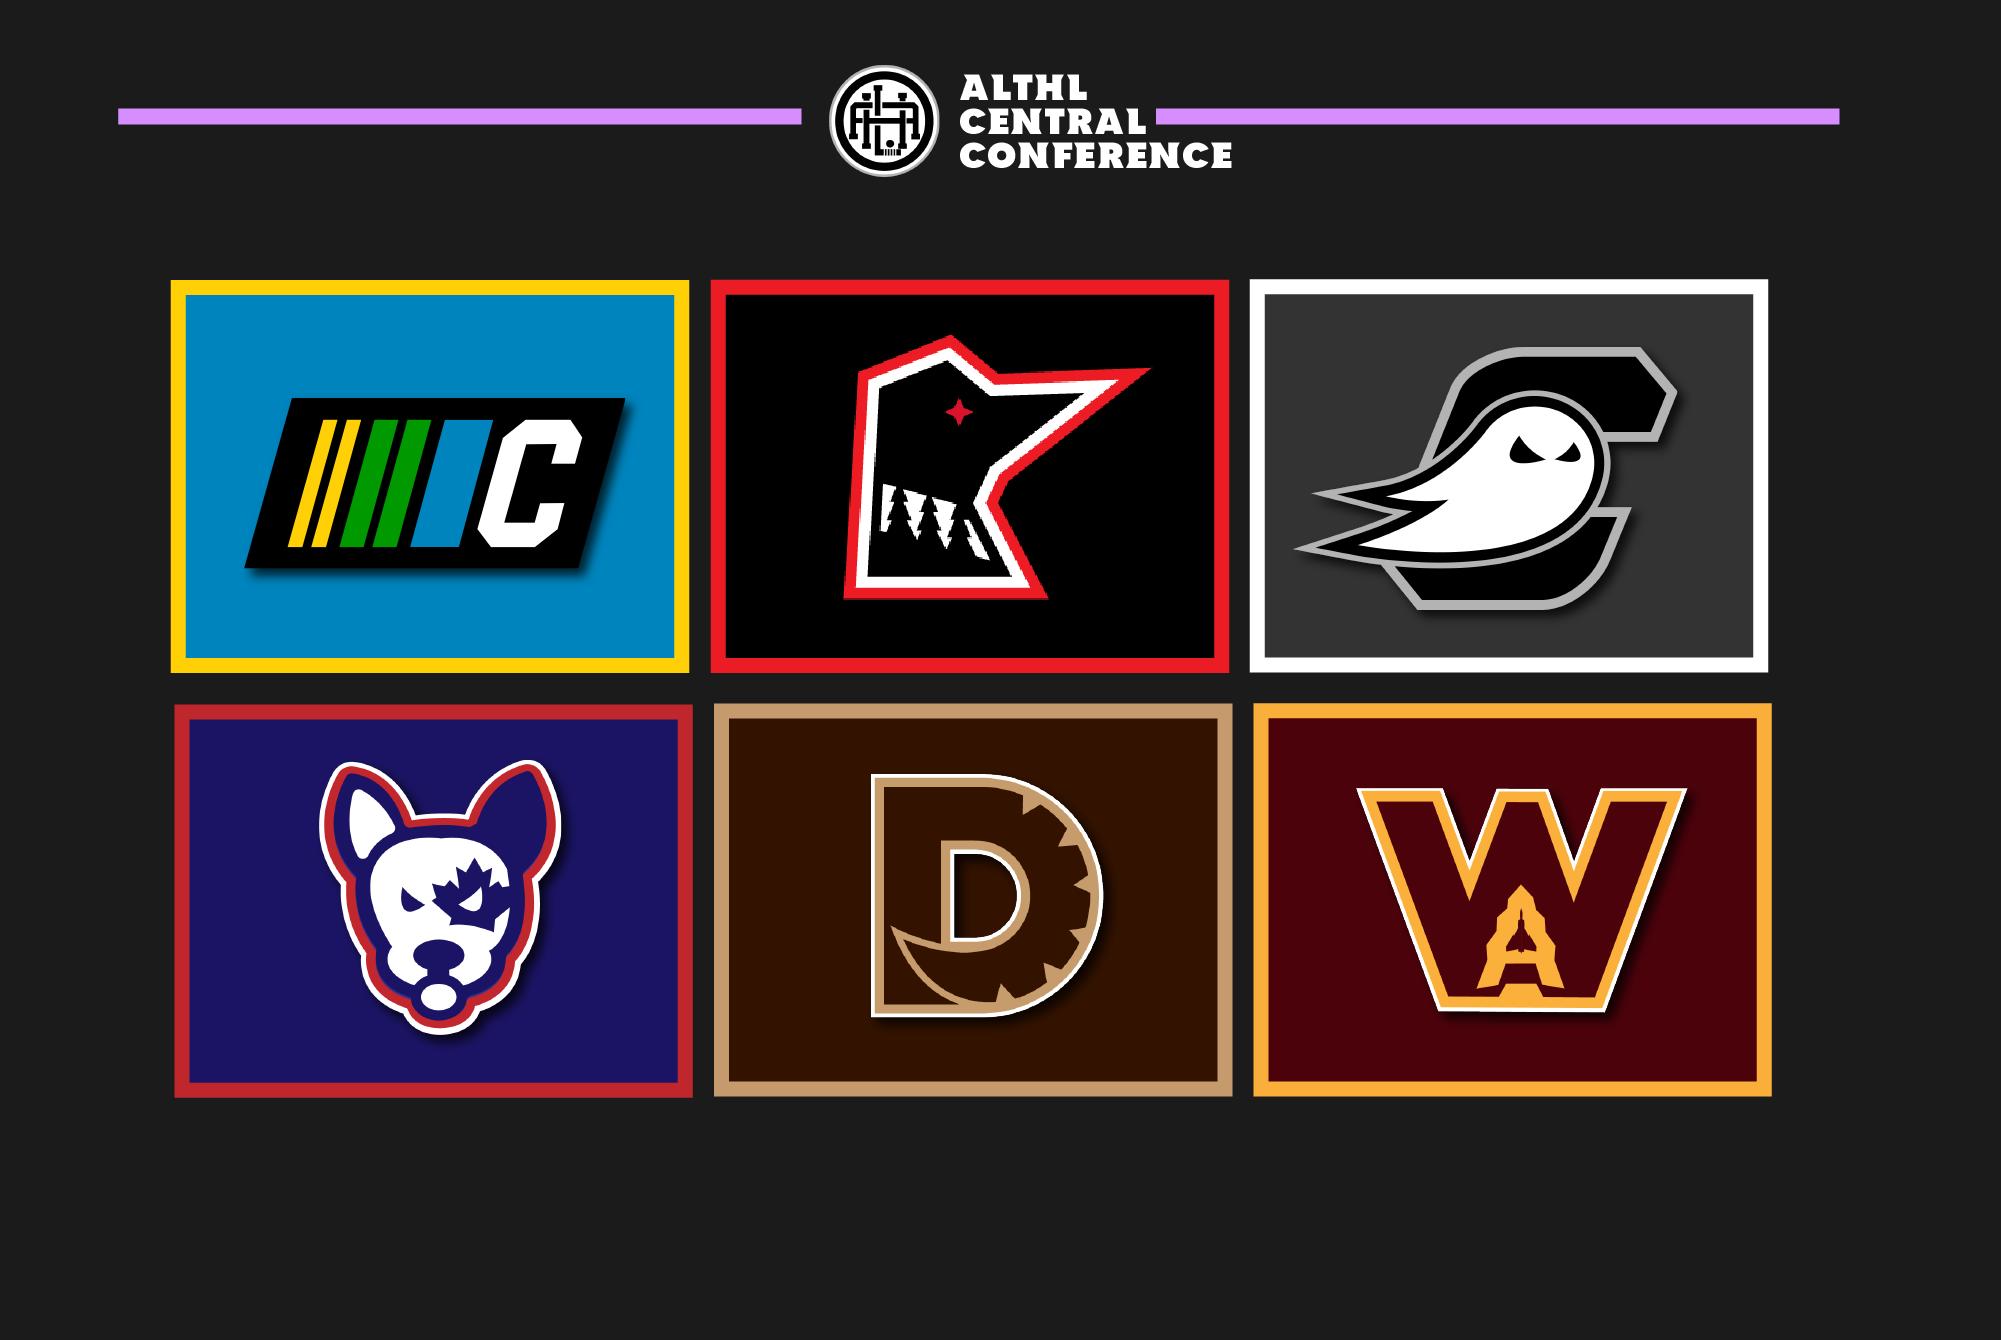 https://i.ibb.co/dM2cjtZ/Alt-HL-Central-Final-Logo.png